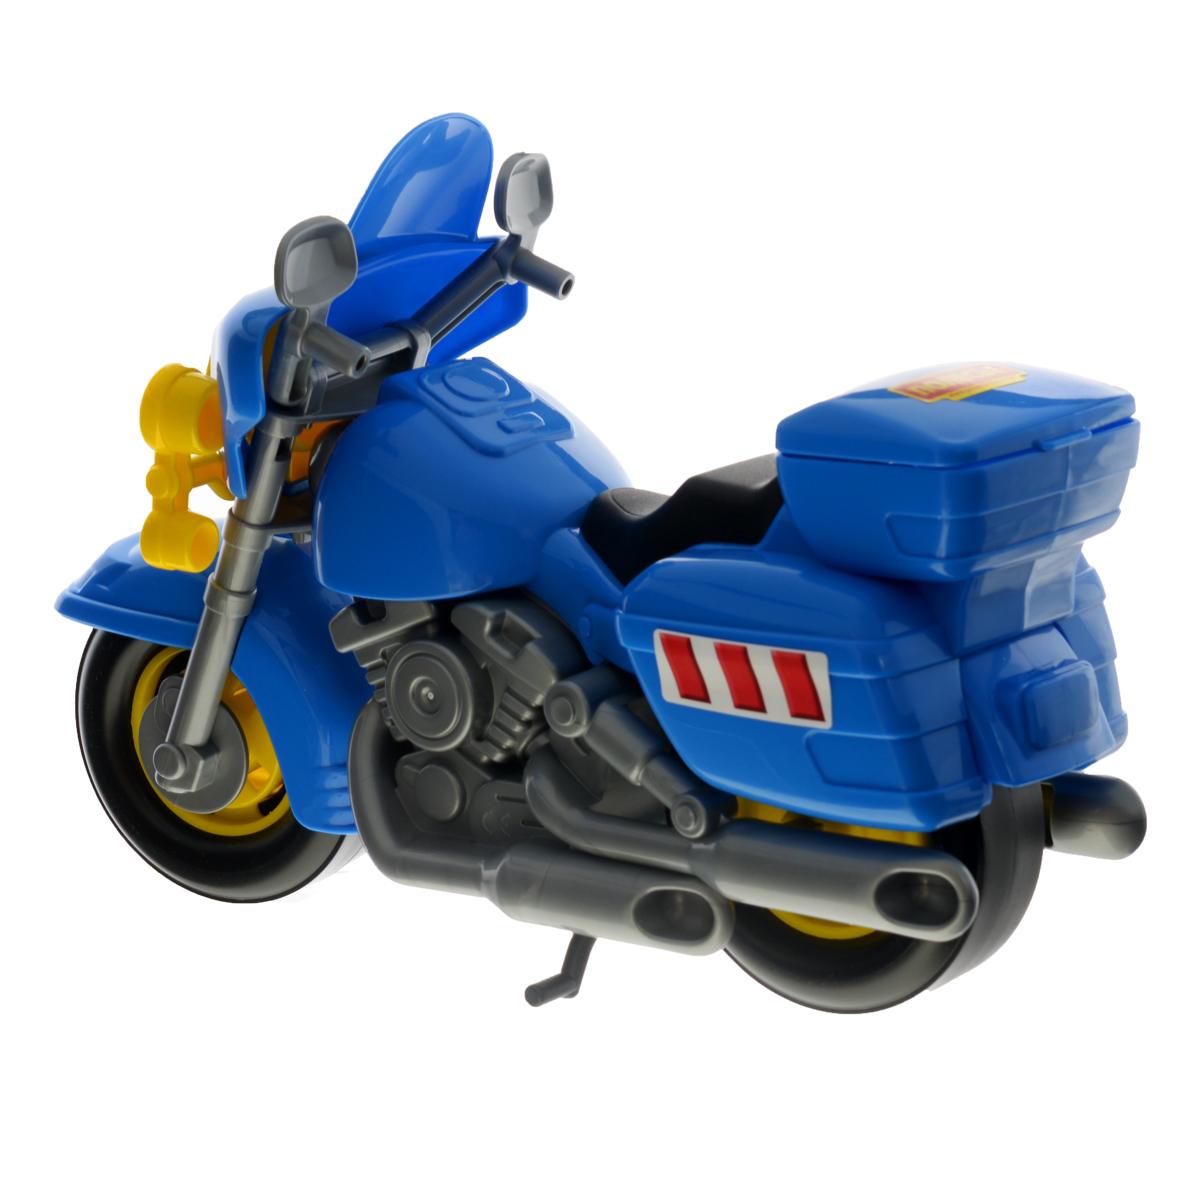 Полесье Полицейский мотоцикл Харлей цвет синий